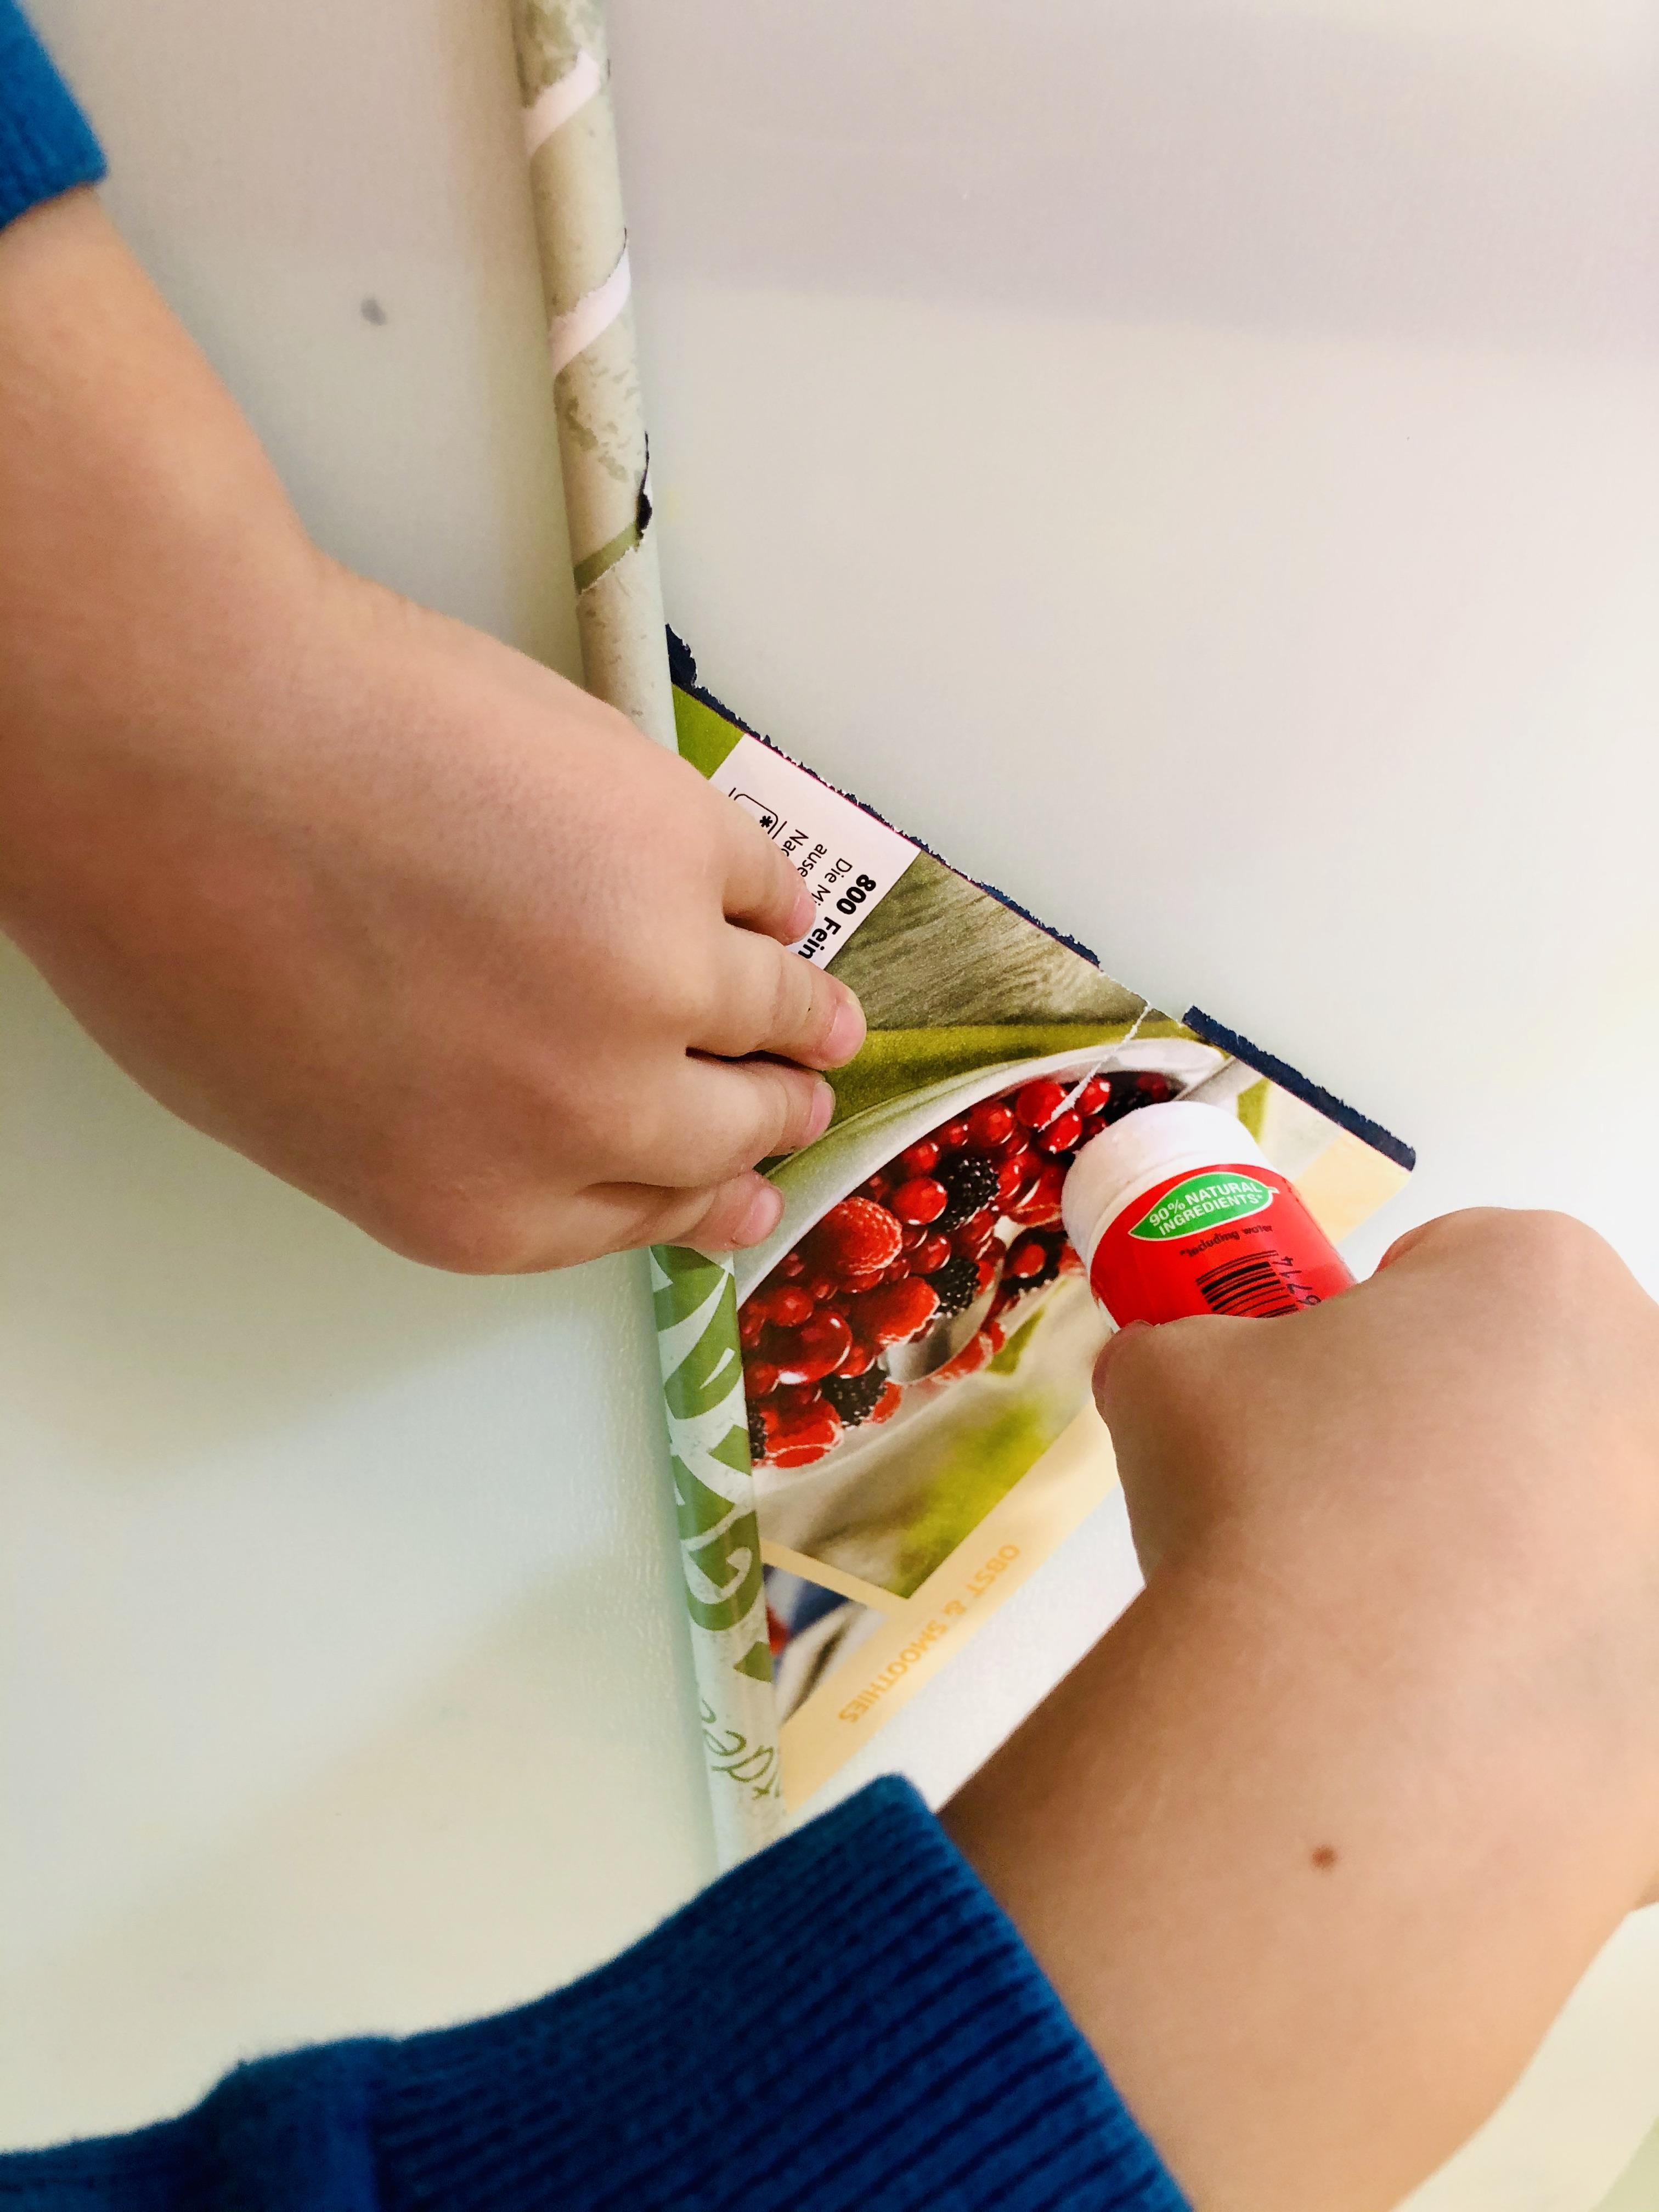 kid glueing magazine paper roll